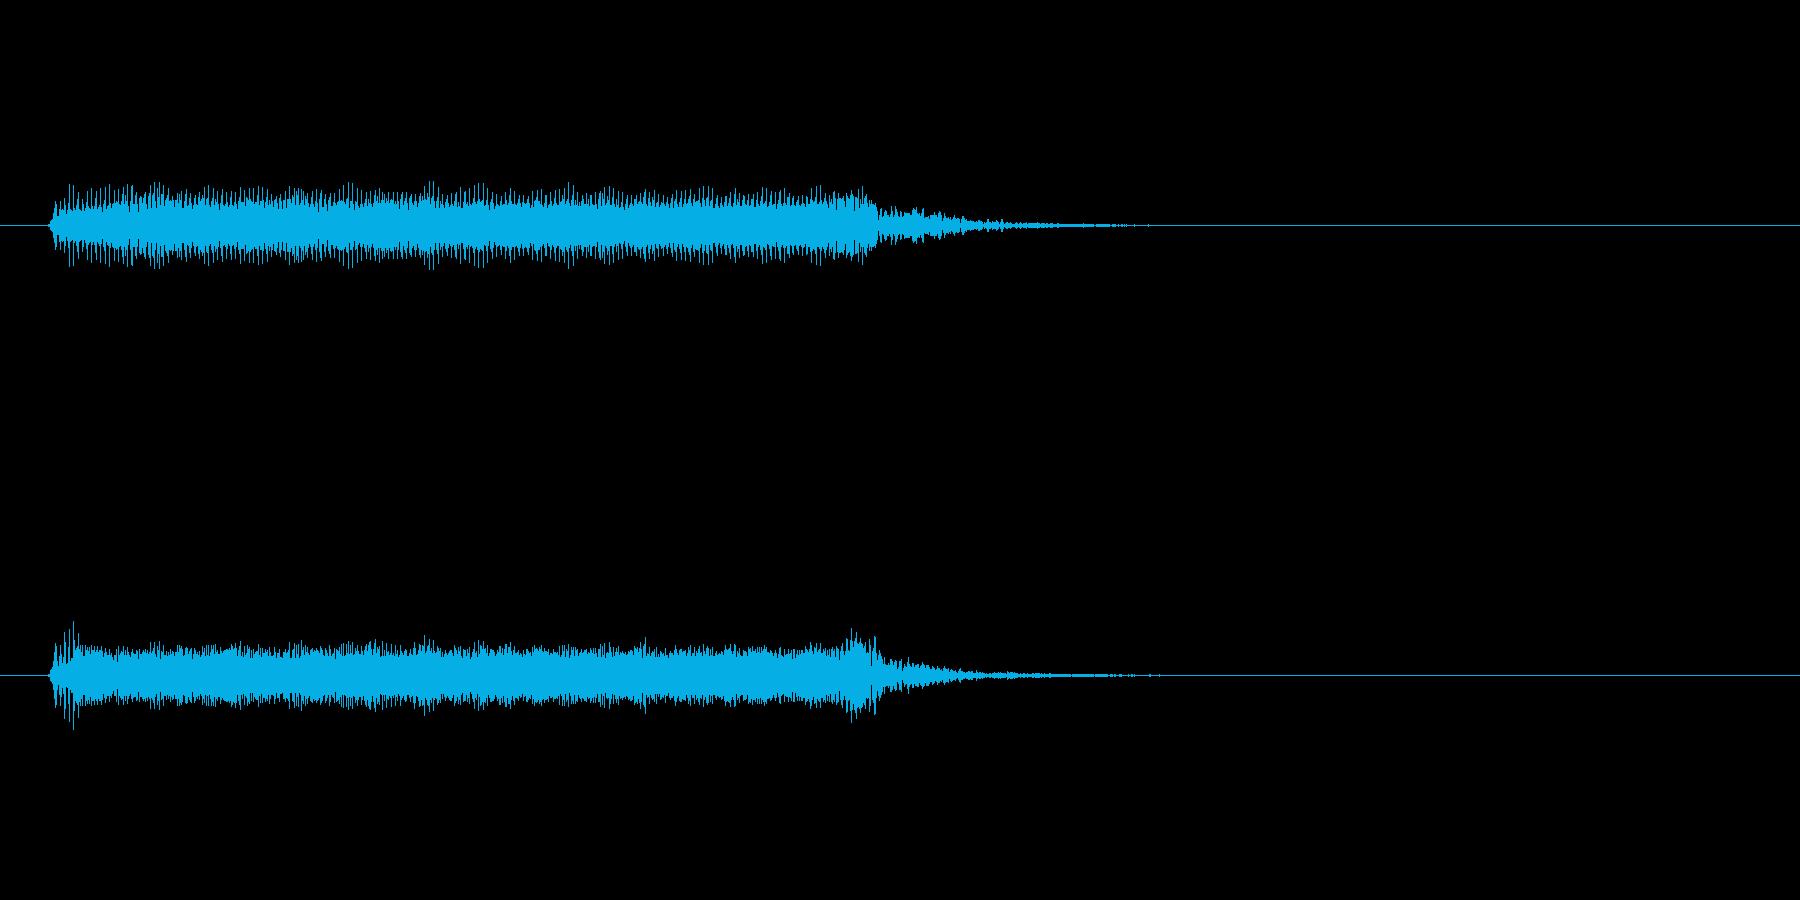 【開演ブザー02-1】の再生済みの波形